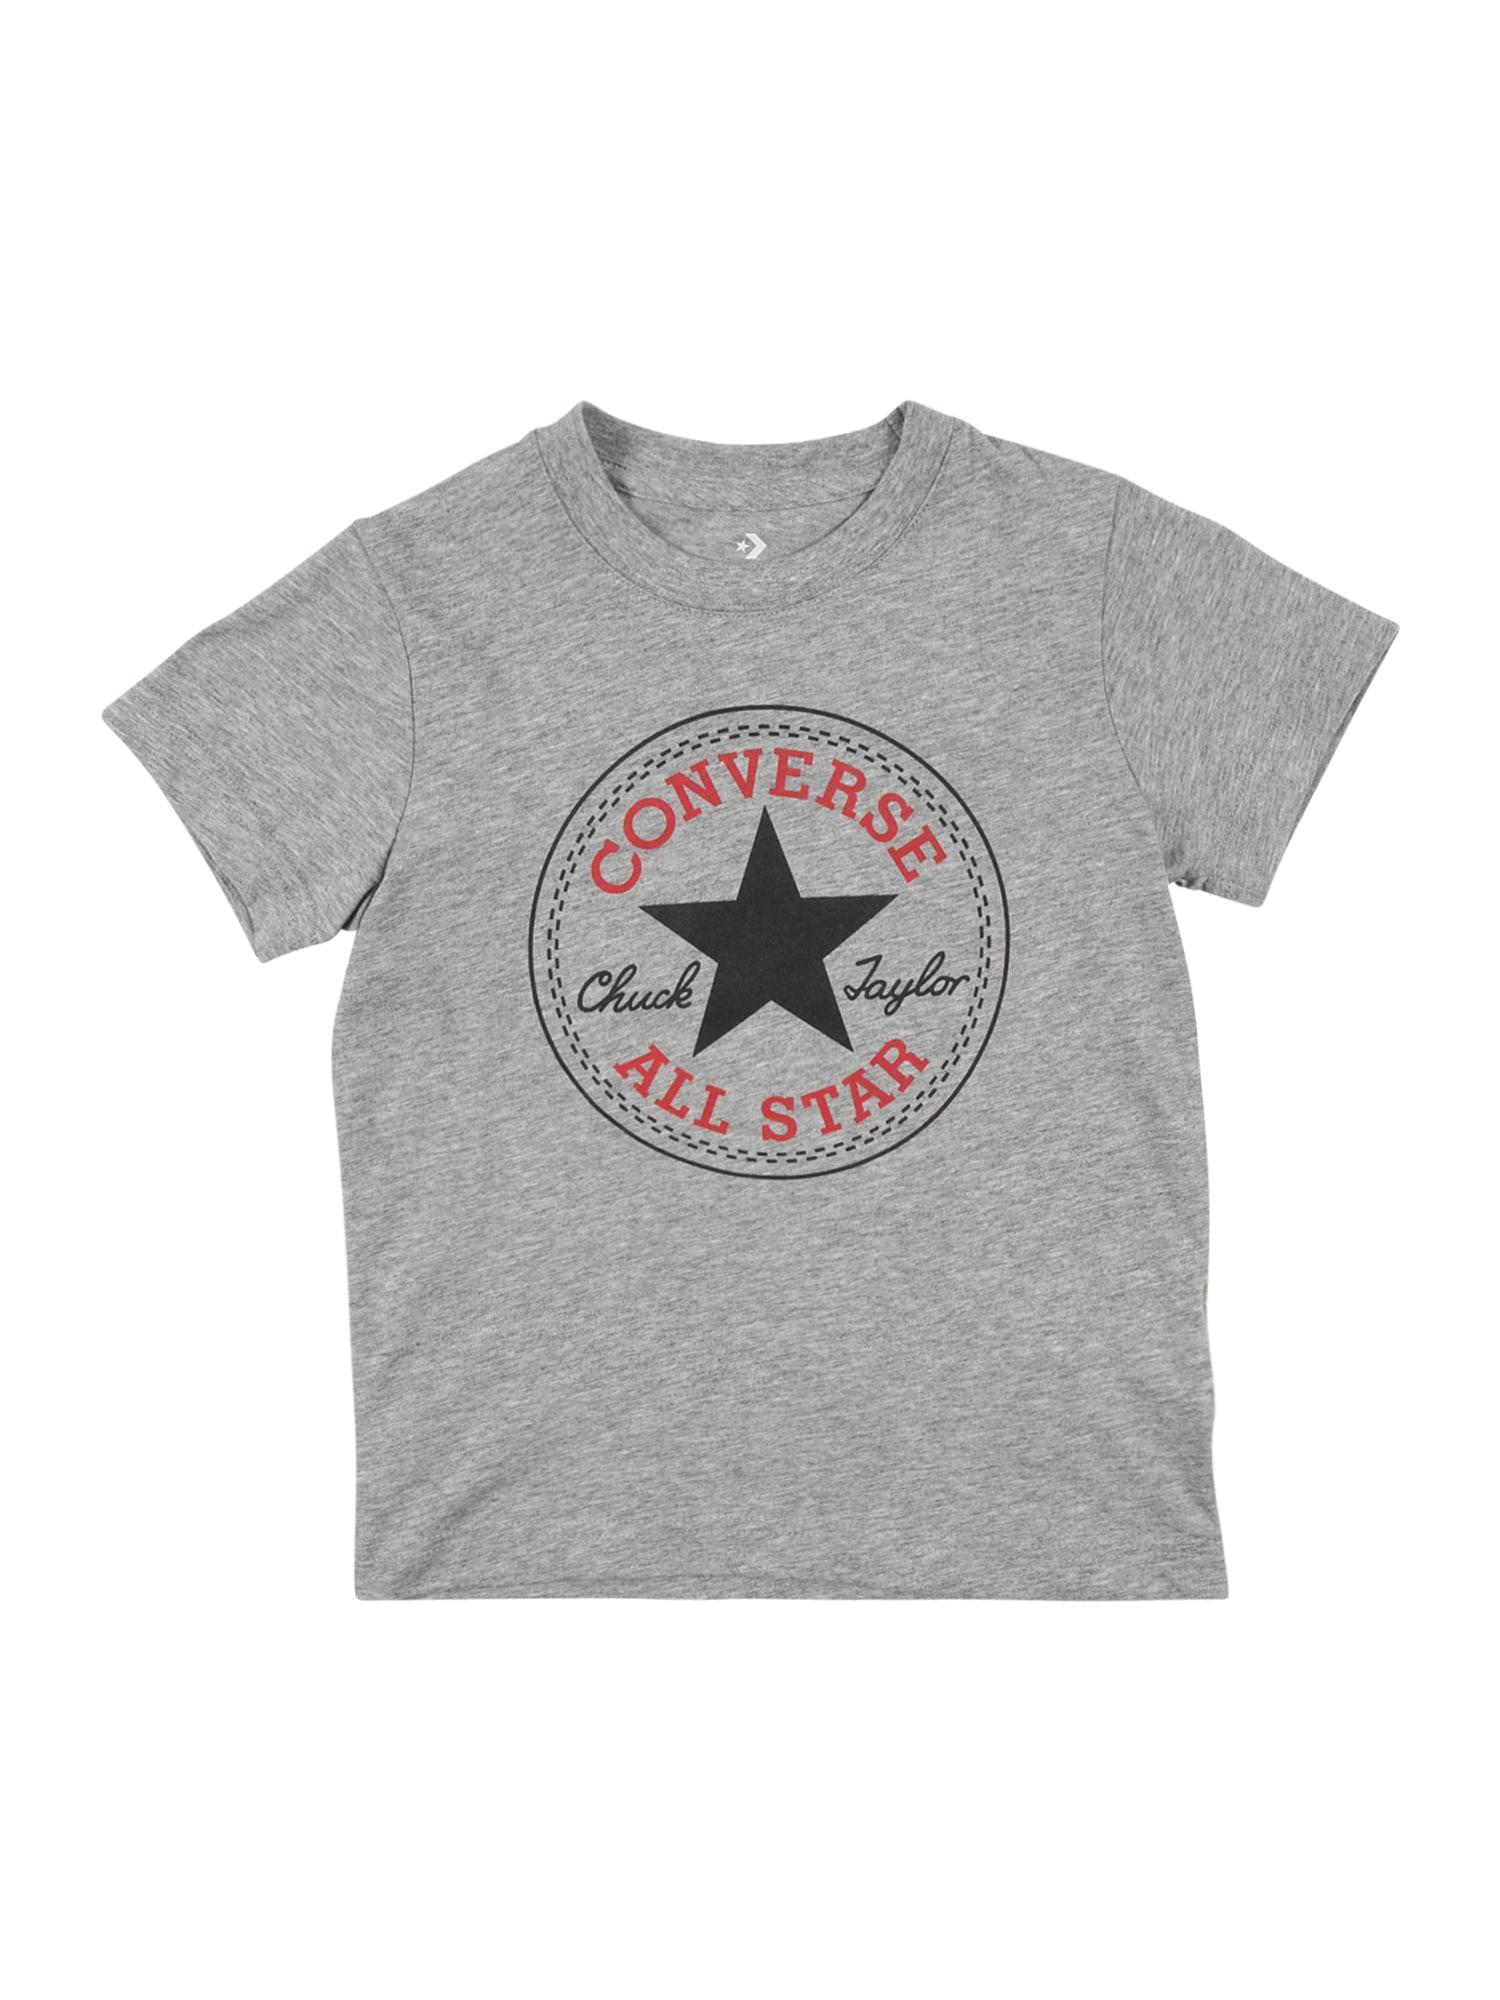 CONVERSE Marškinėliai 'CHUCK PATCH' margai pilka / raudona / grafito